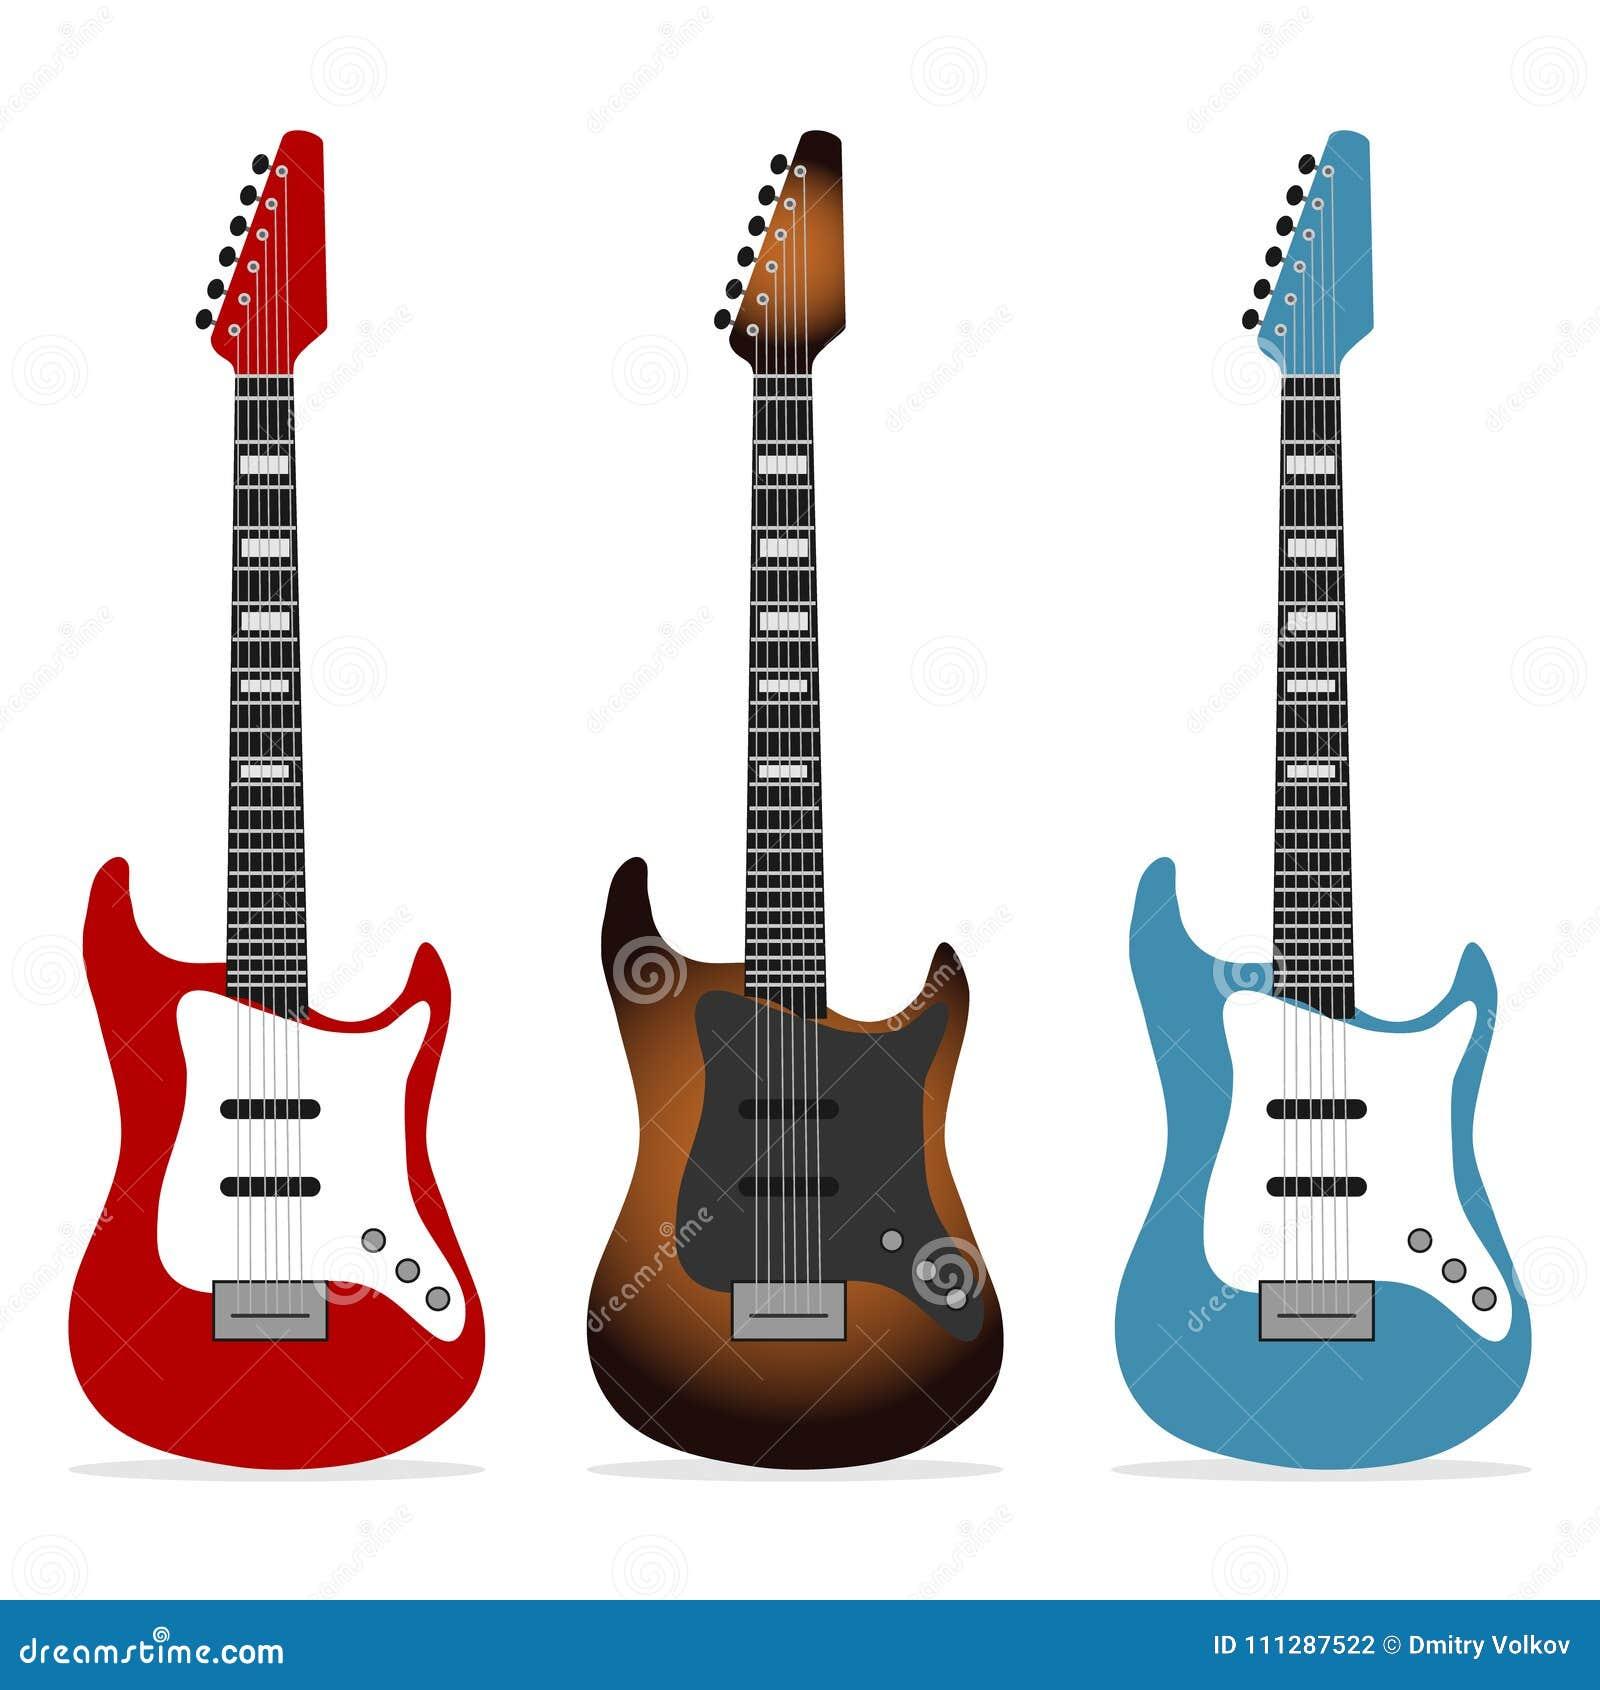 Ηλεκτρική κιθάρα, ένα σύνολο ρεαλιστικών ηλεκτρικών κιθάρων